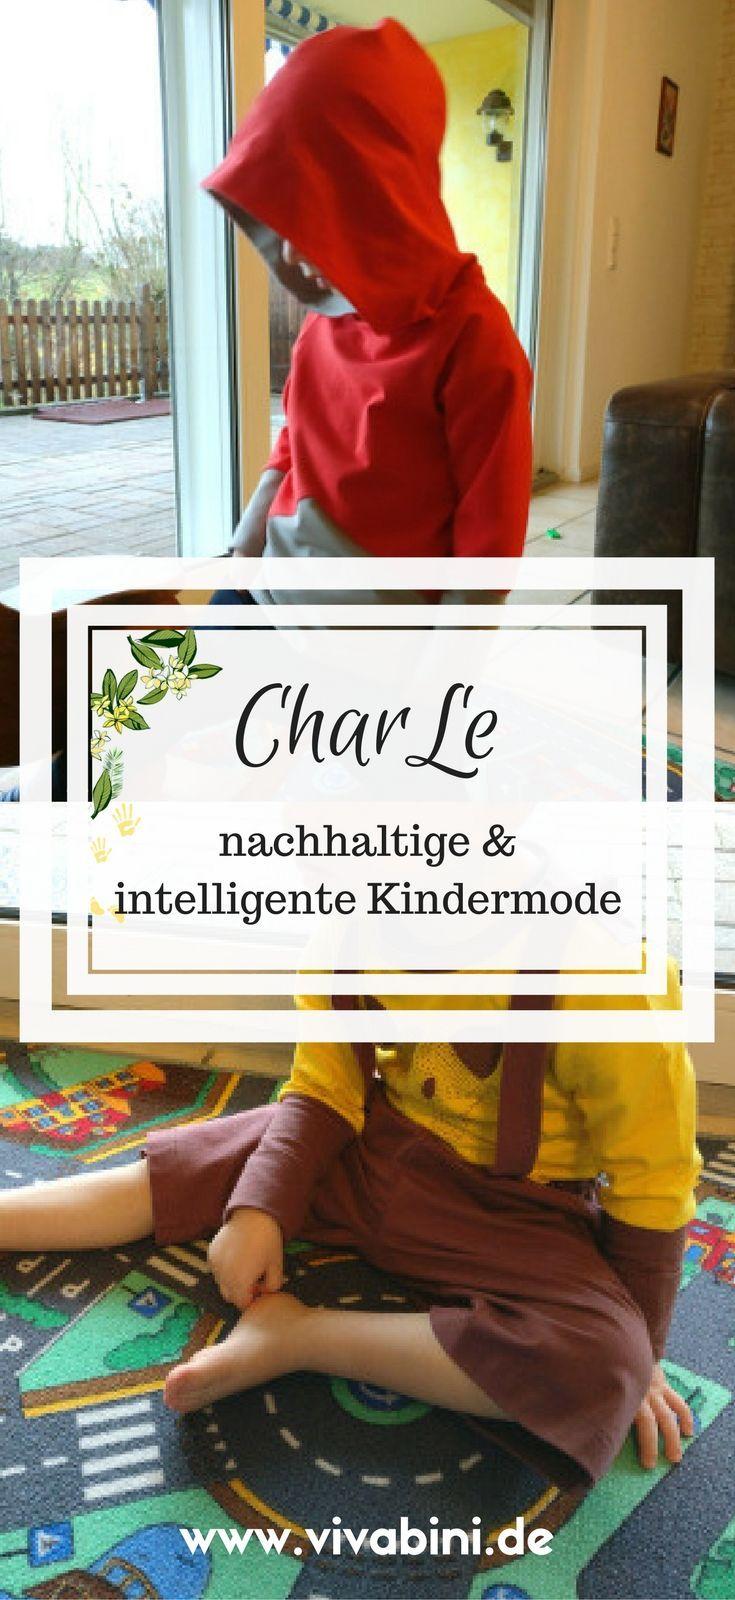 das kleine berliner Label CharLe macht zeitlose, nachhaltige Kindermode: biologisch, ökologisch, mit sozialer Verantwortung produziert. Wir haben uns CharLe einmal genauer angesehen. #kindermode #kidsfashion #nachhaltigemode #nachhaltig #biomode  #babyausstattung